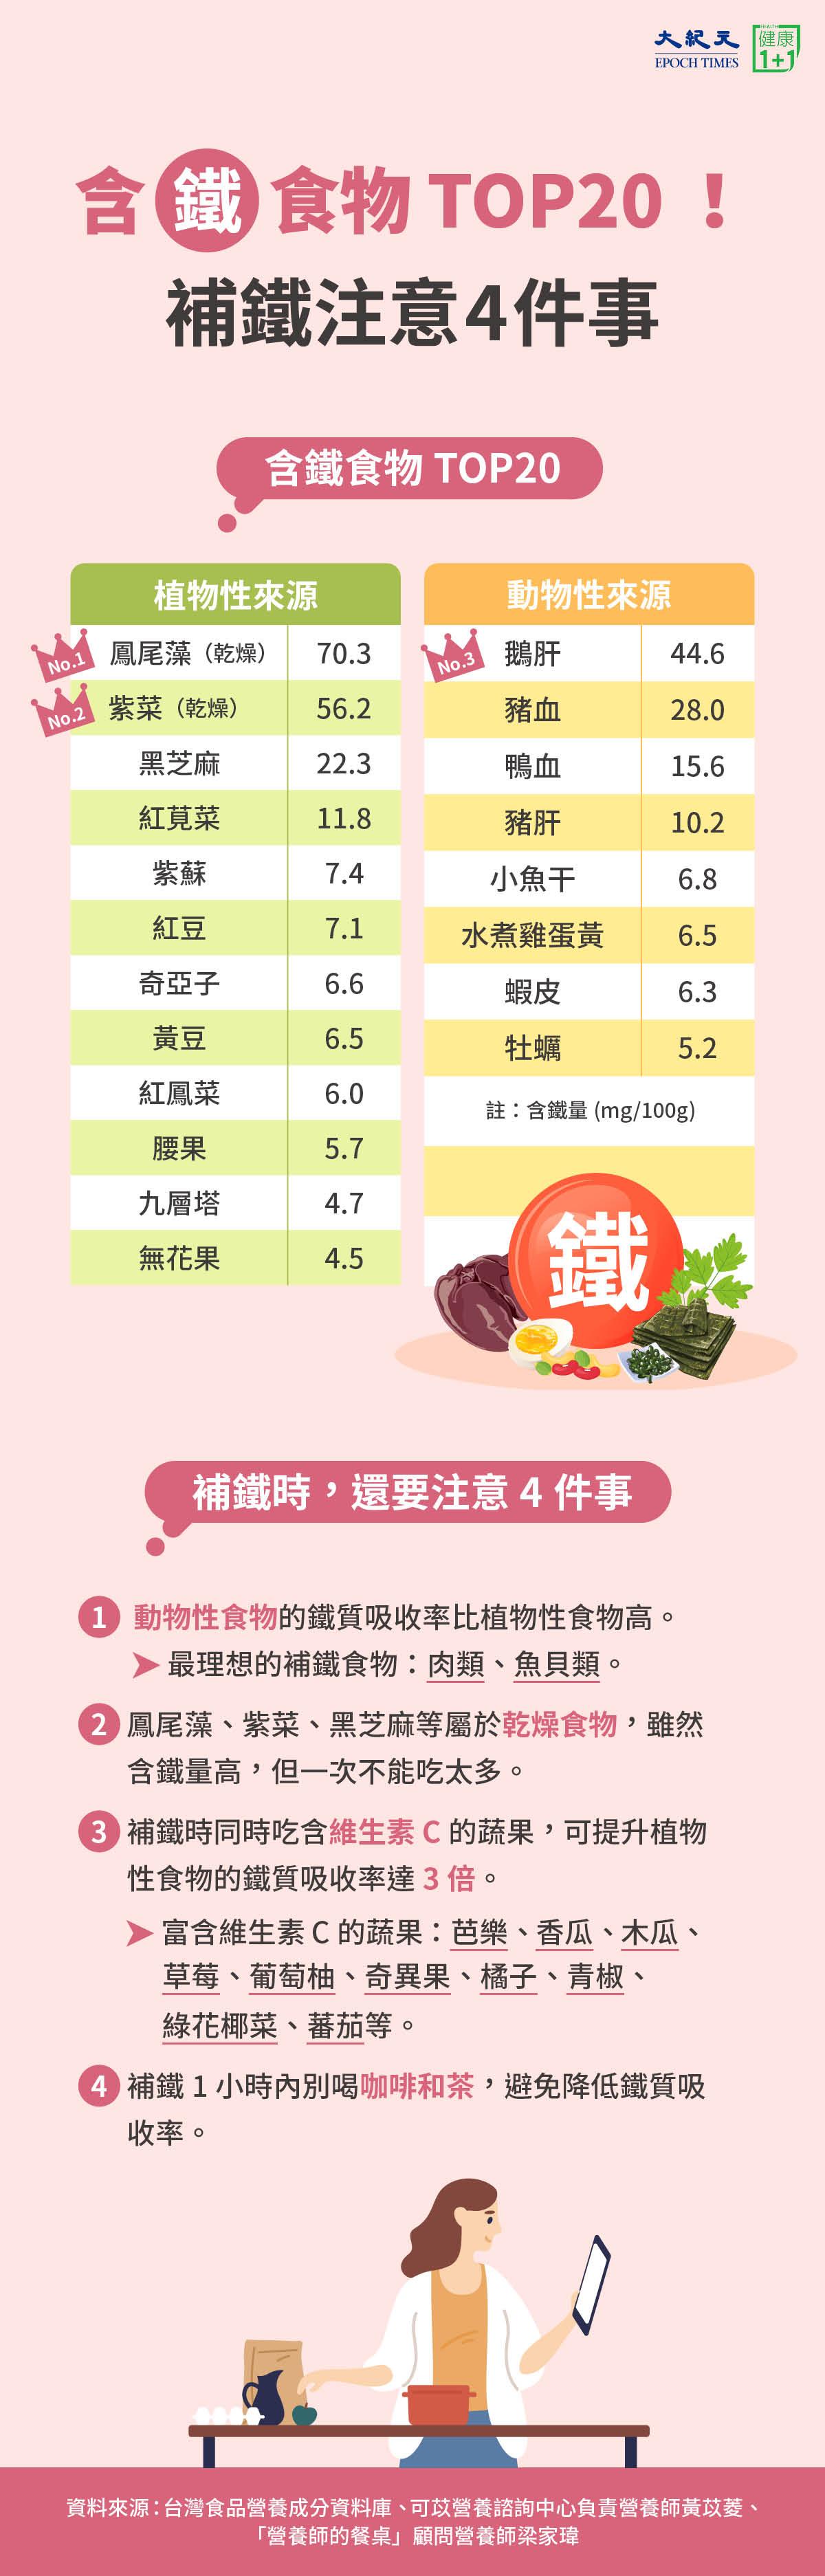 含鐵食物TOP20 鳳尾藻鐵質最高?補鐵注意4點 | 紫菜 | 鵝肝 | 大紀元